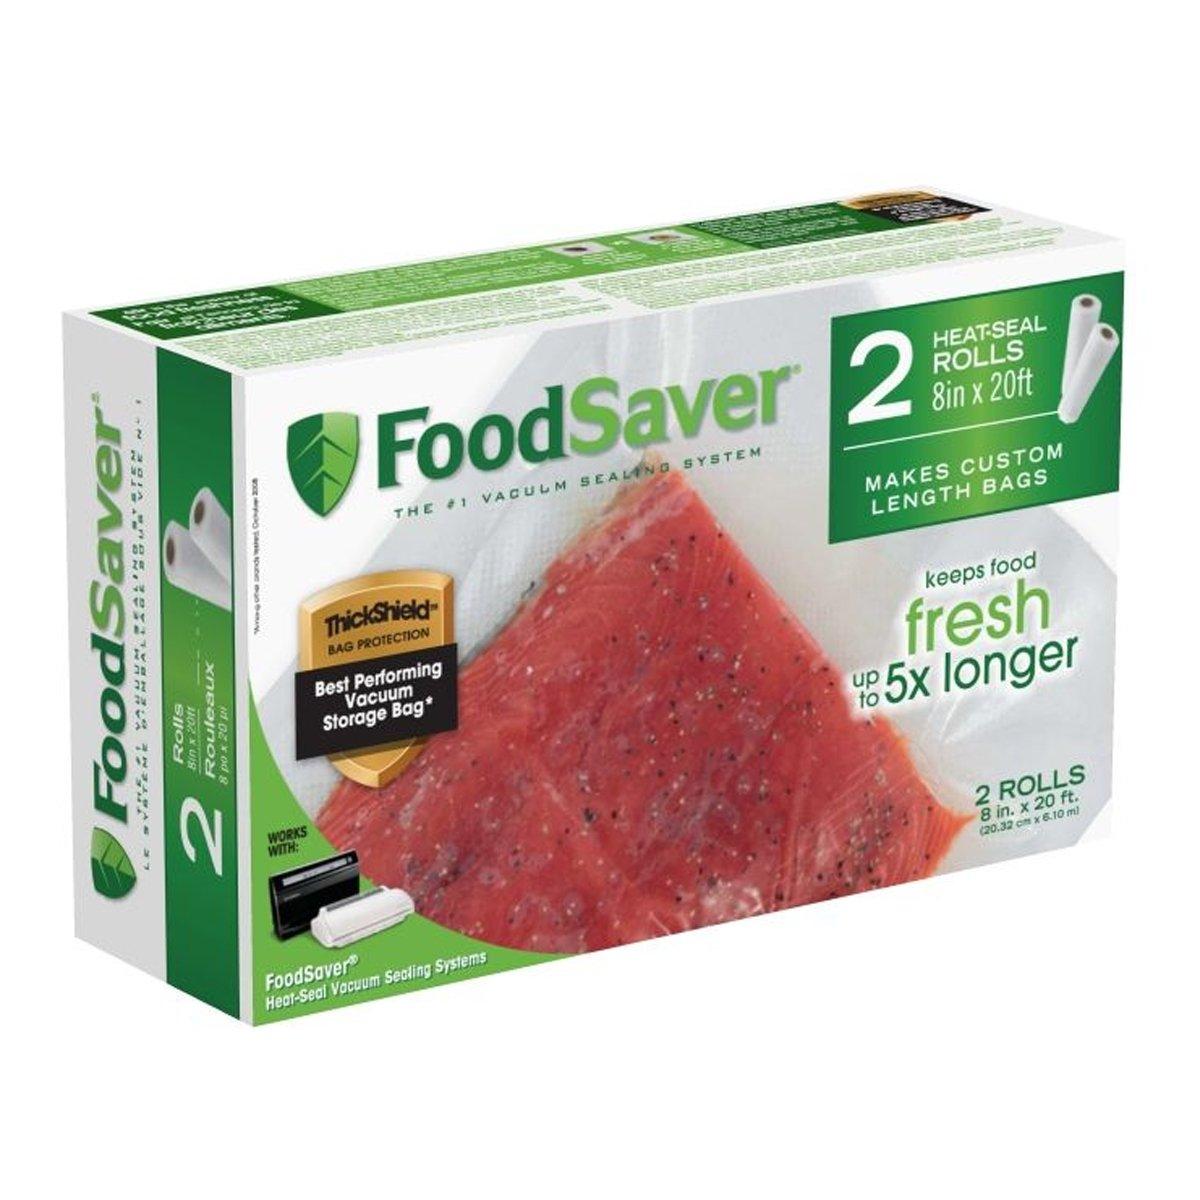 FoodSaver 2-pack 8x20' Heat Seal Rolls FSFSBF0526-033